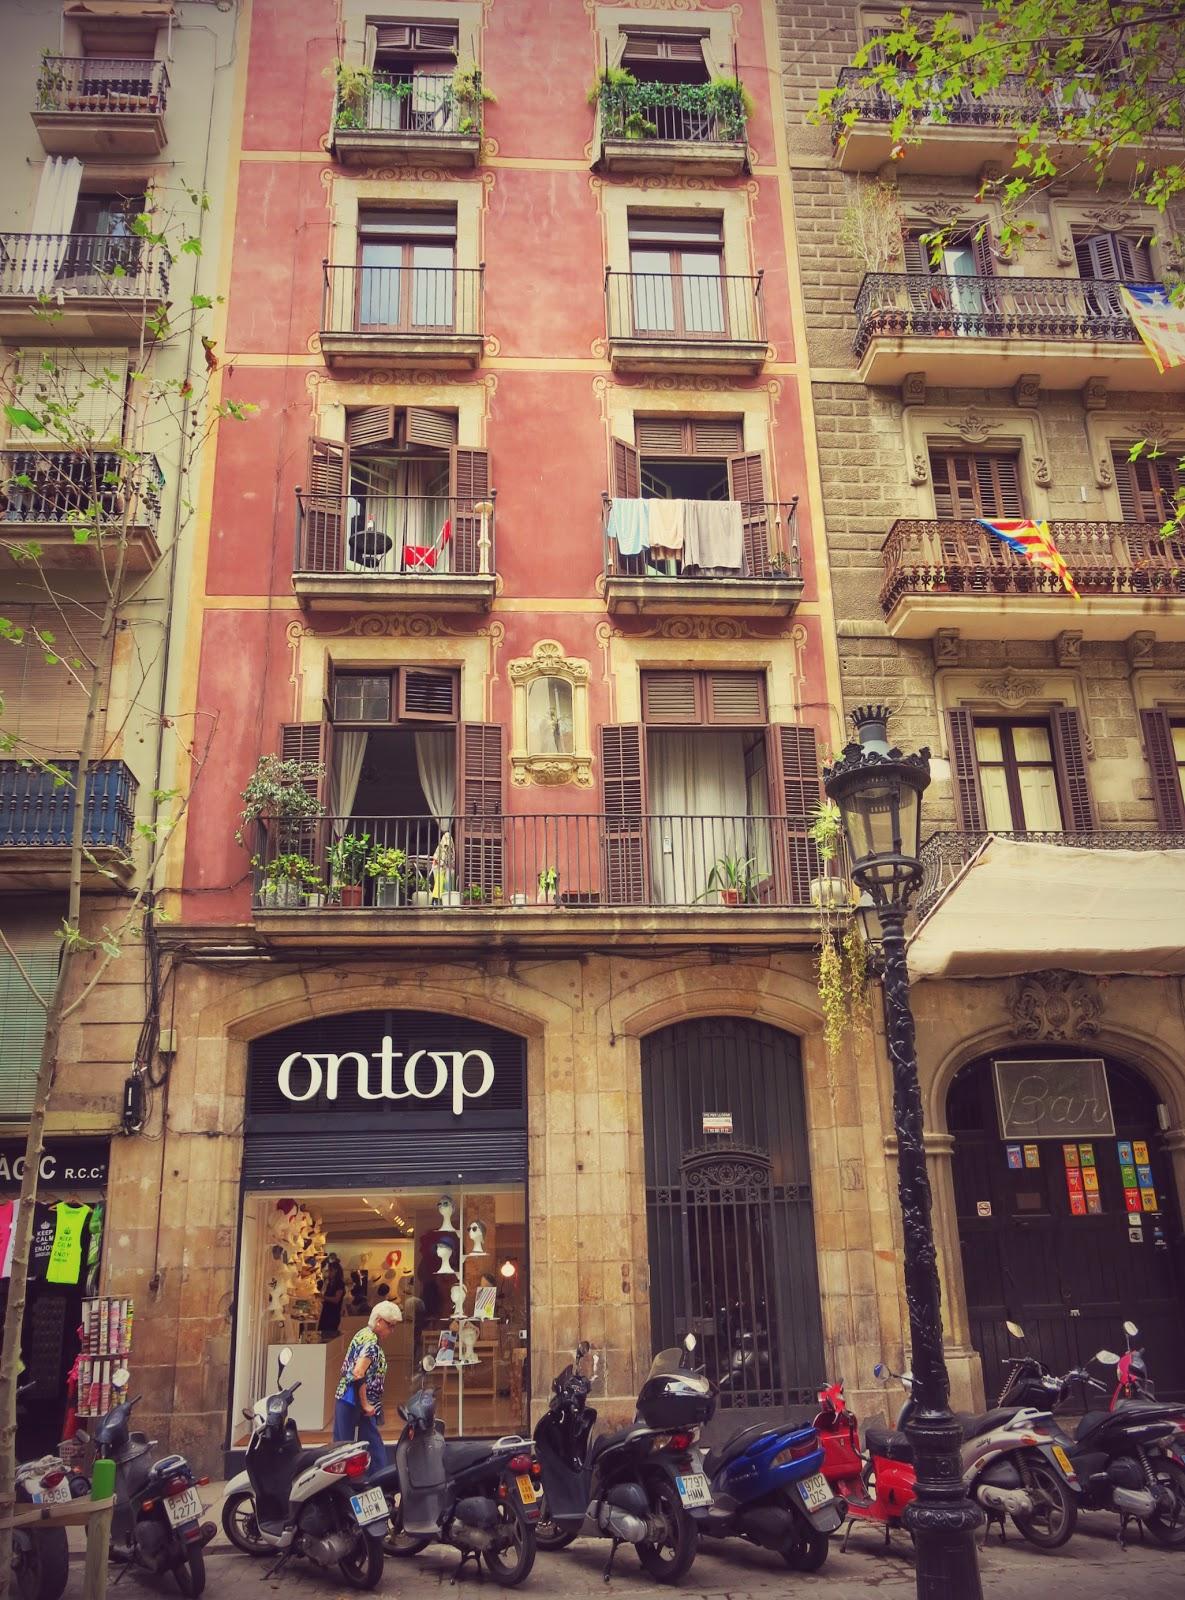 Cituat Vella Barcelona El Born La Ribera